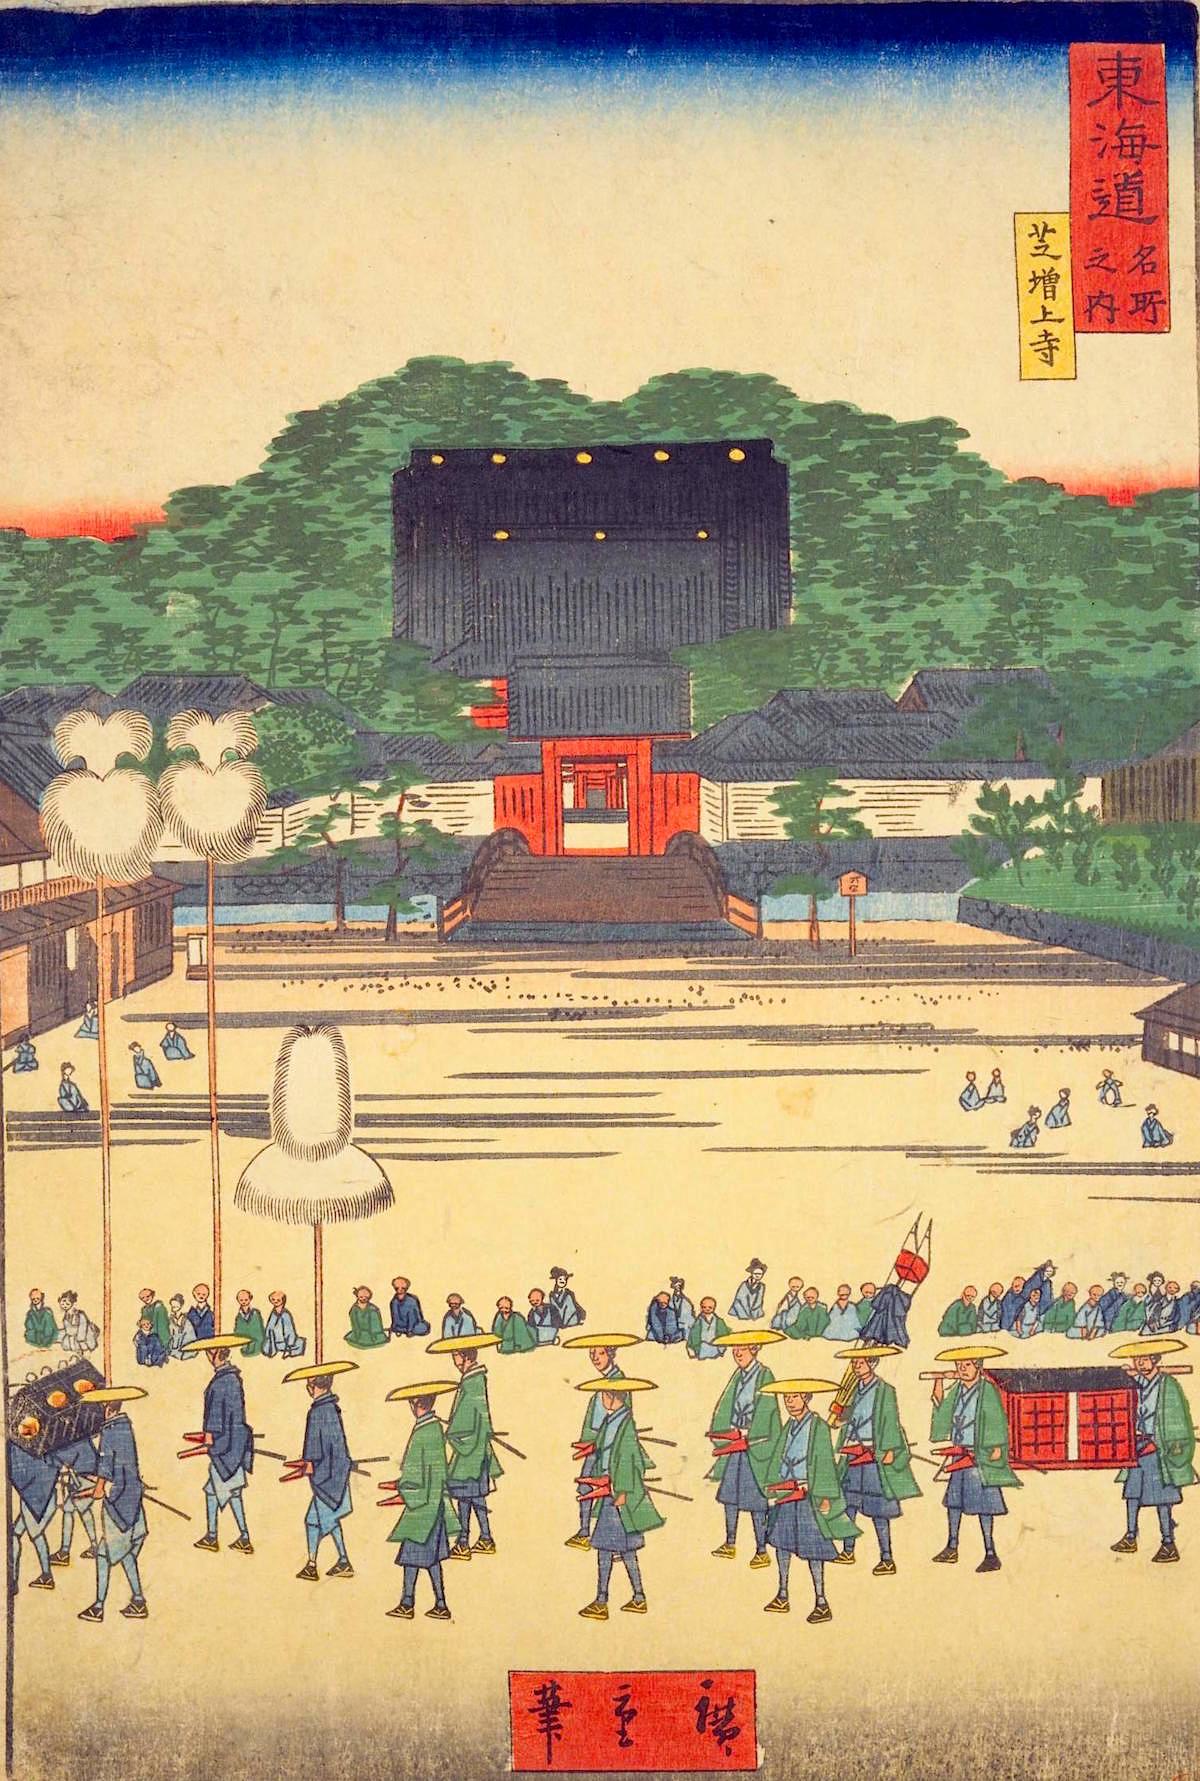 広重『東海道名所之内 芝増上寺』